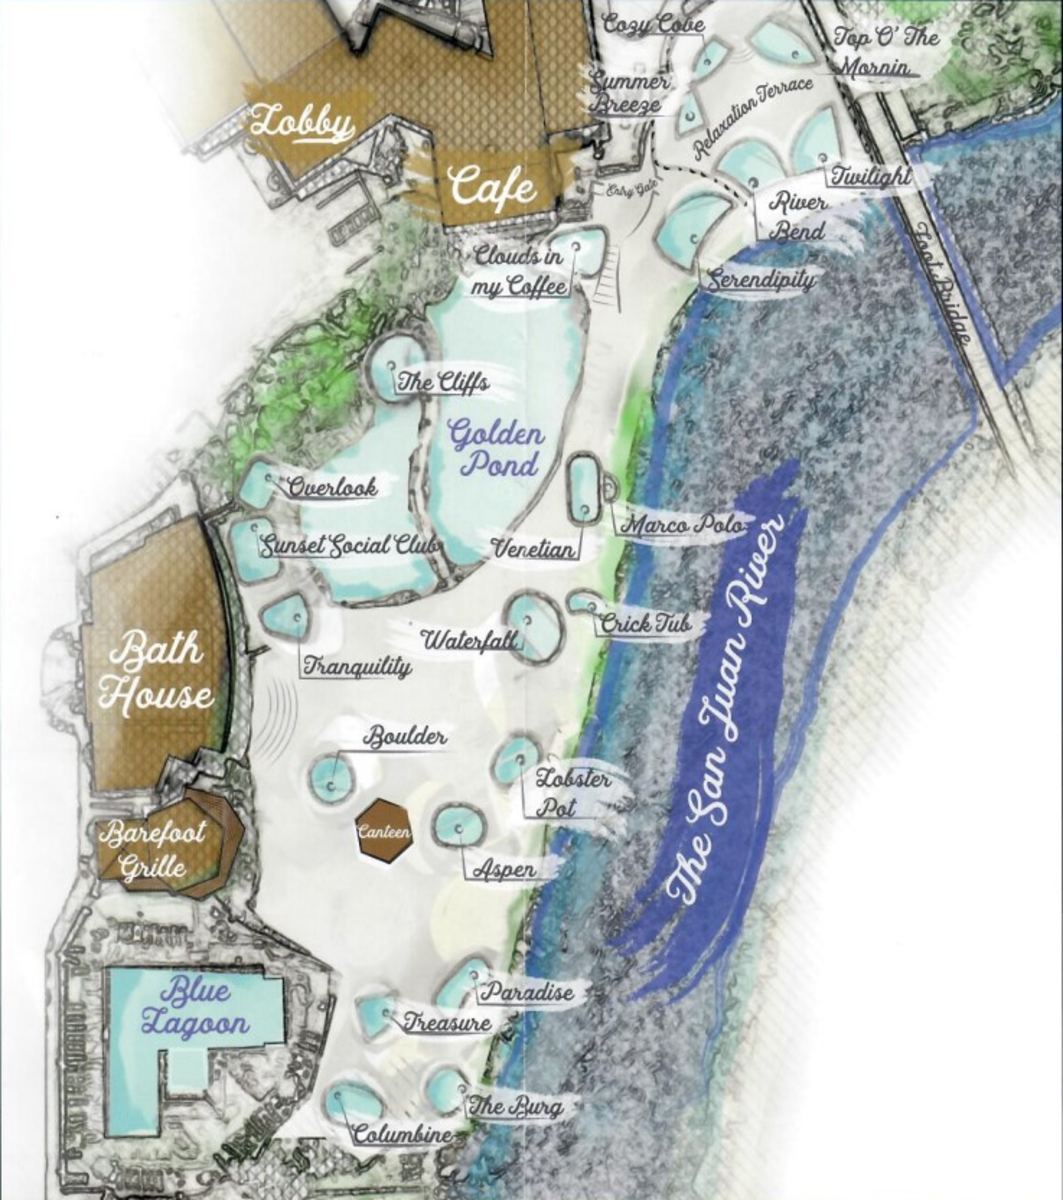 Pool Map of Pagosa Hot Springs Resort